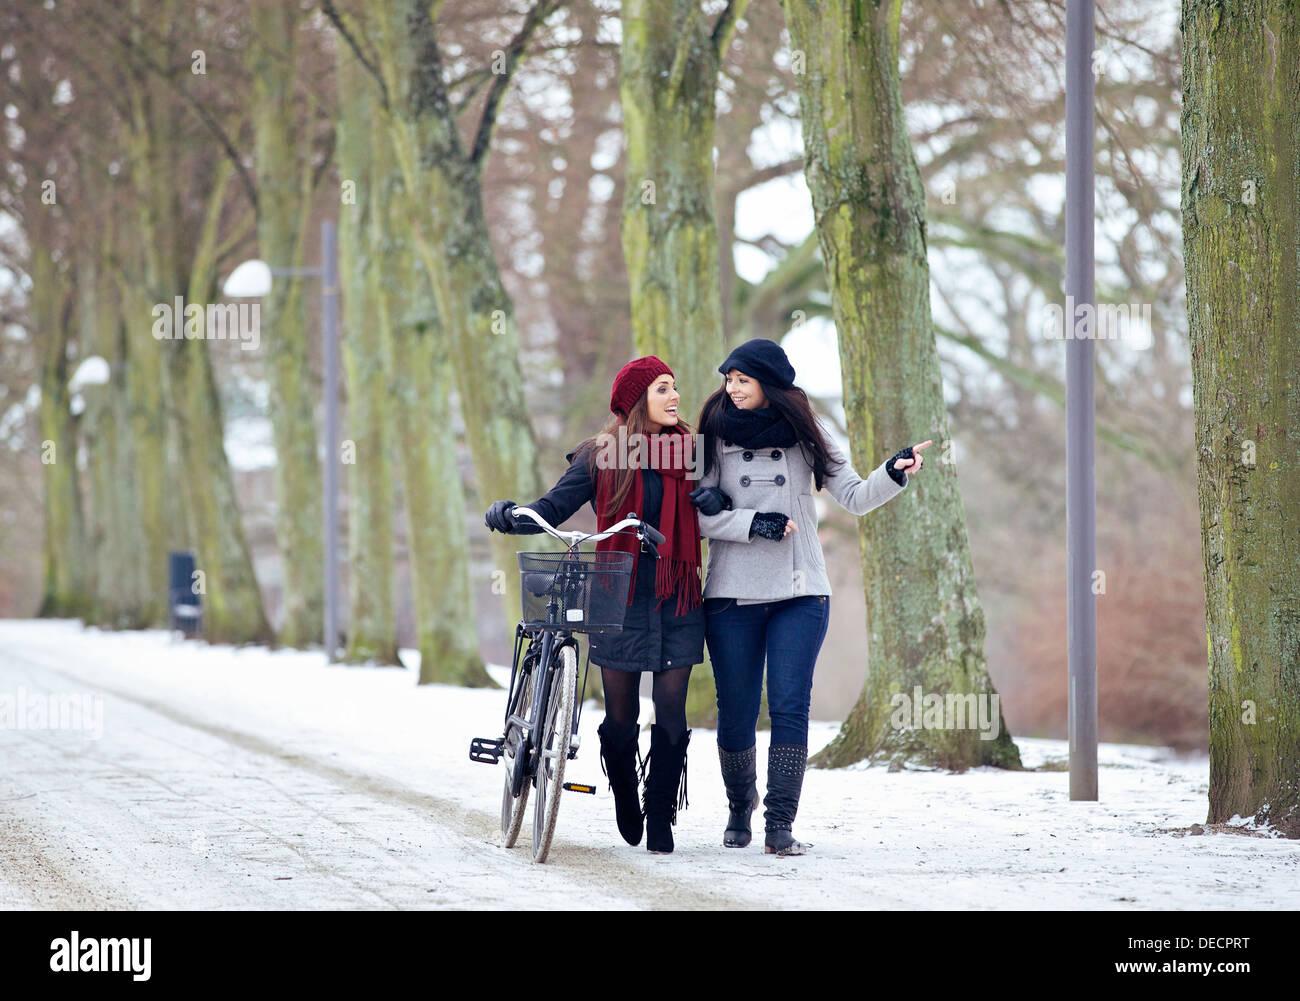 Zwei Freunde im Freien genießen ihre Bindung Zeit in einem Winter park Stockbild